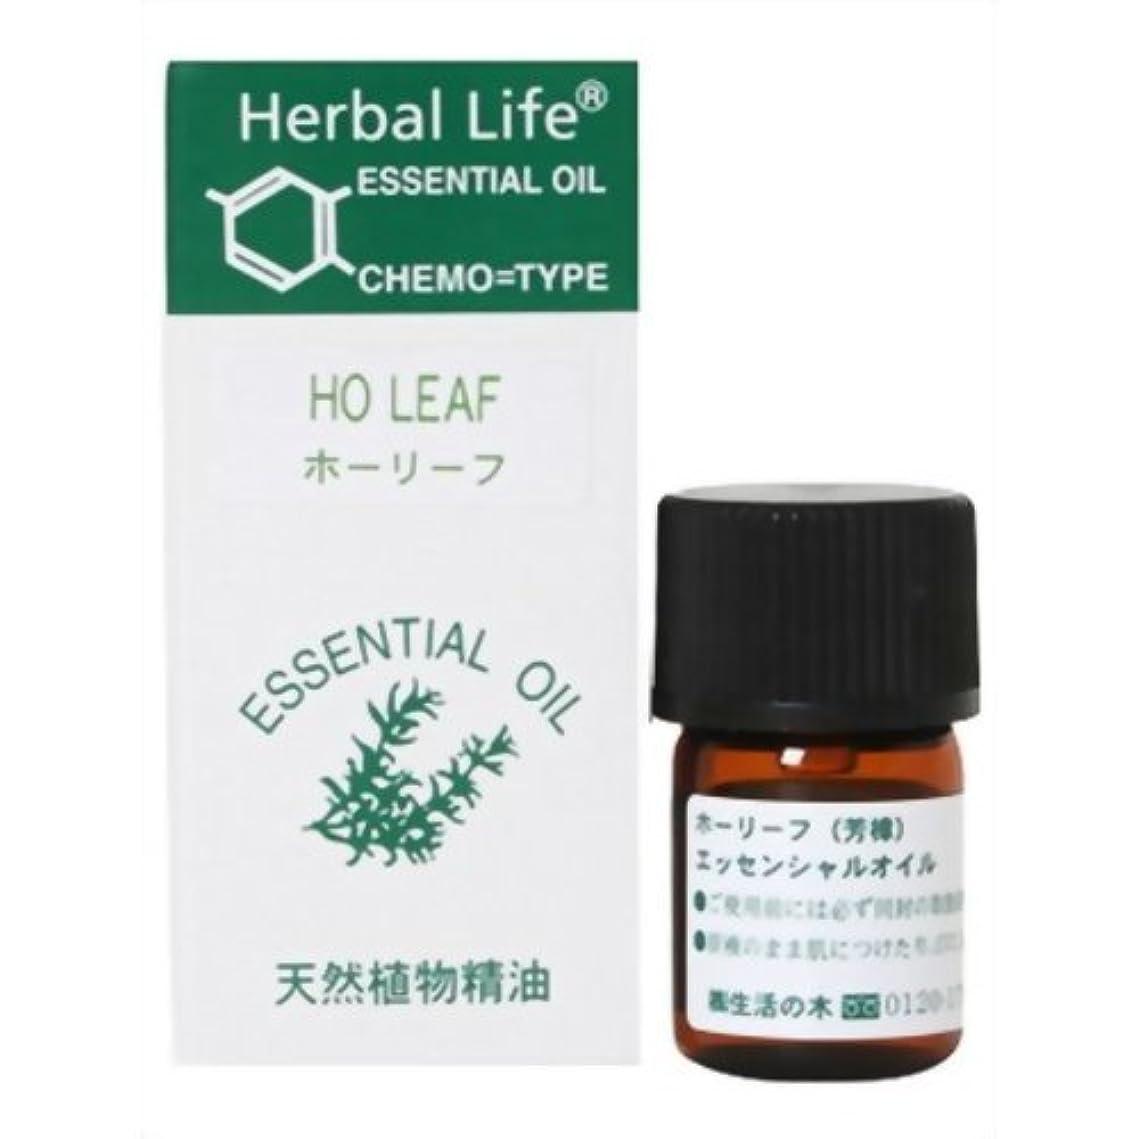 約設定機転モノグラフ生活の木 Herbal Life ホーリーフ 3ml